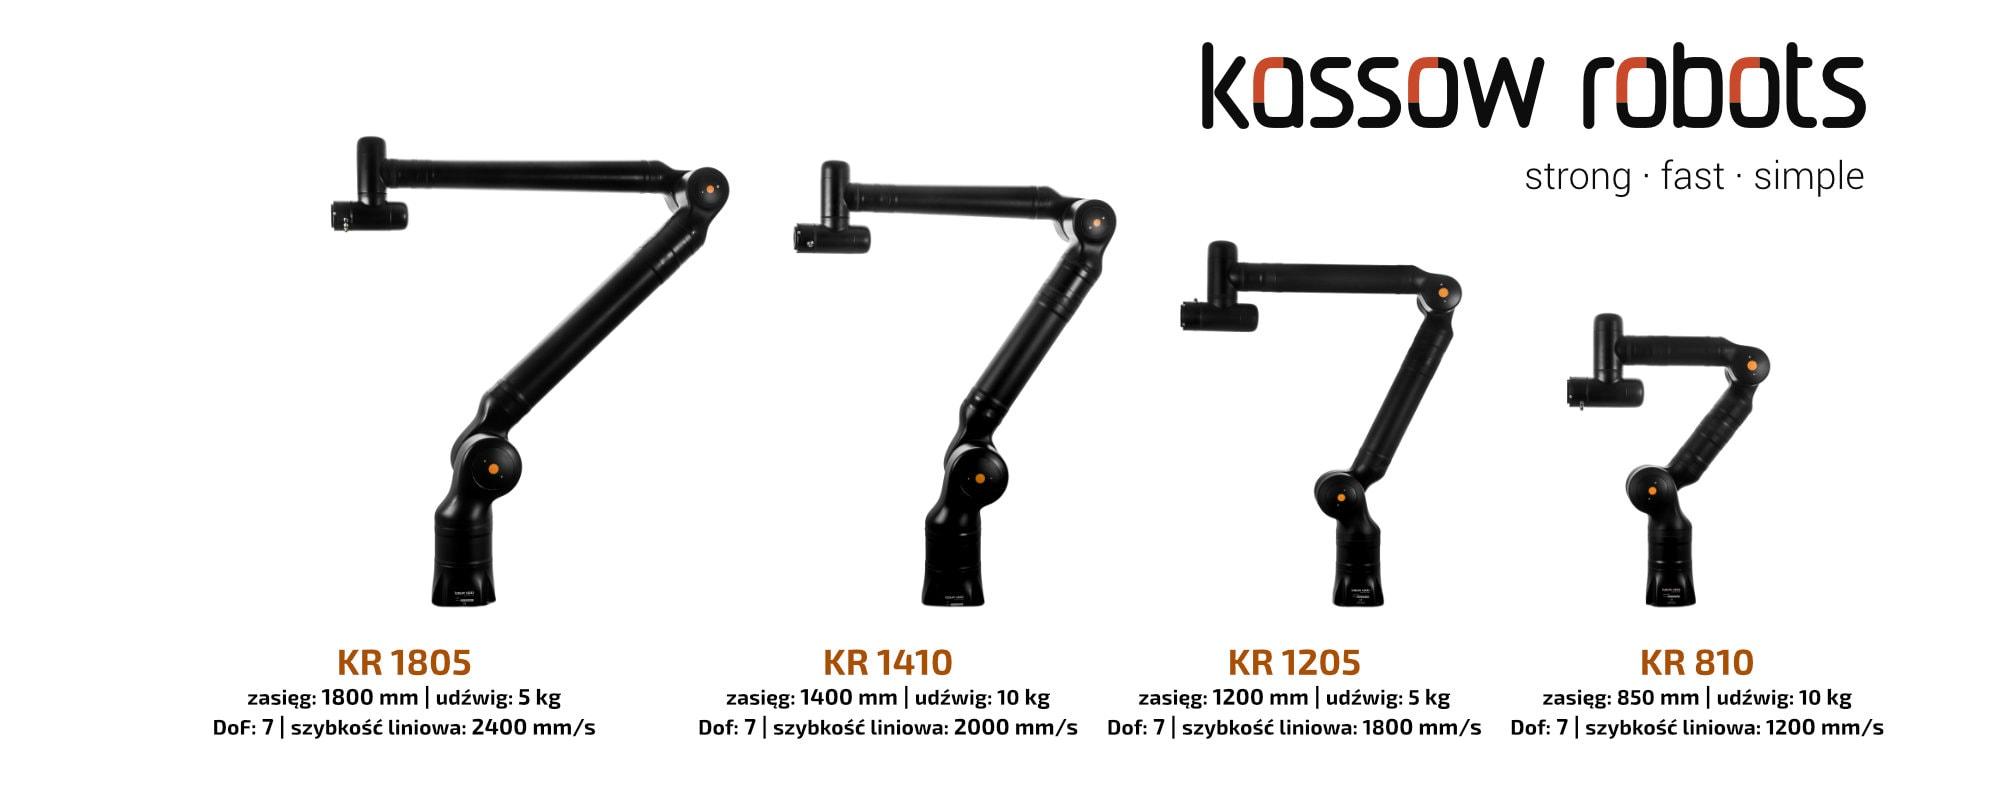 Banner - Kassow Robots | fast - stron - simple | rodzina czterech siedmiosiwych robotów współpracujących